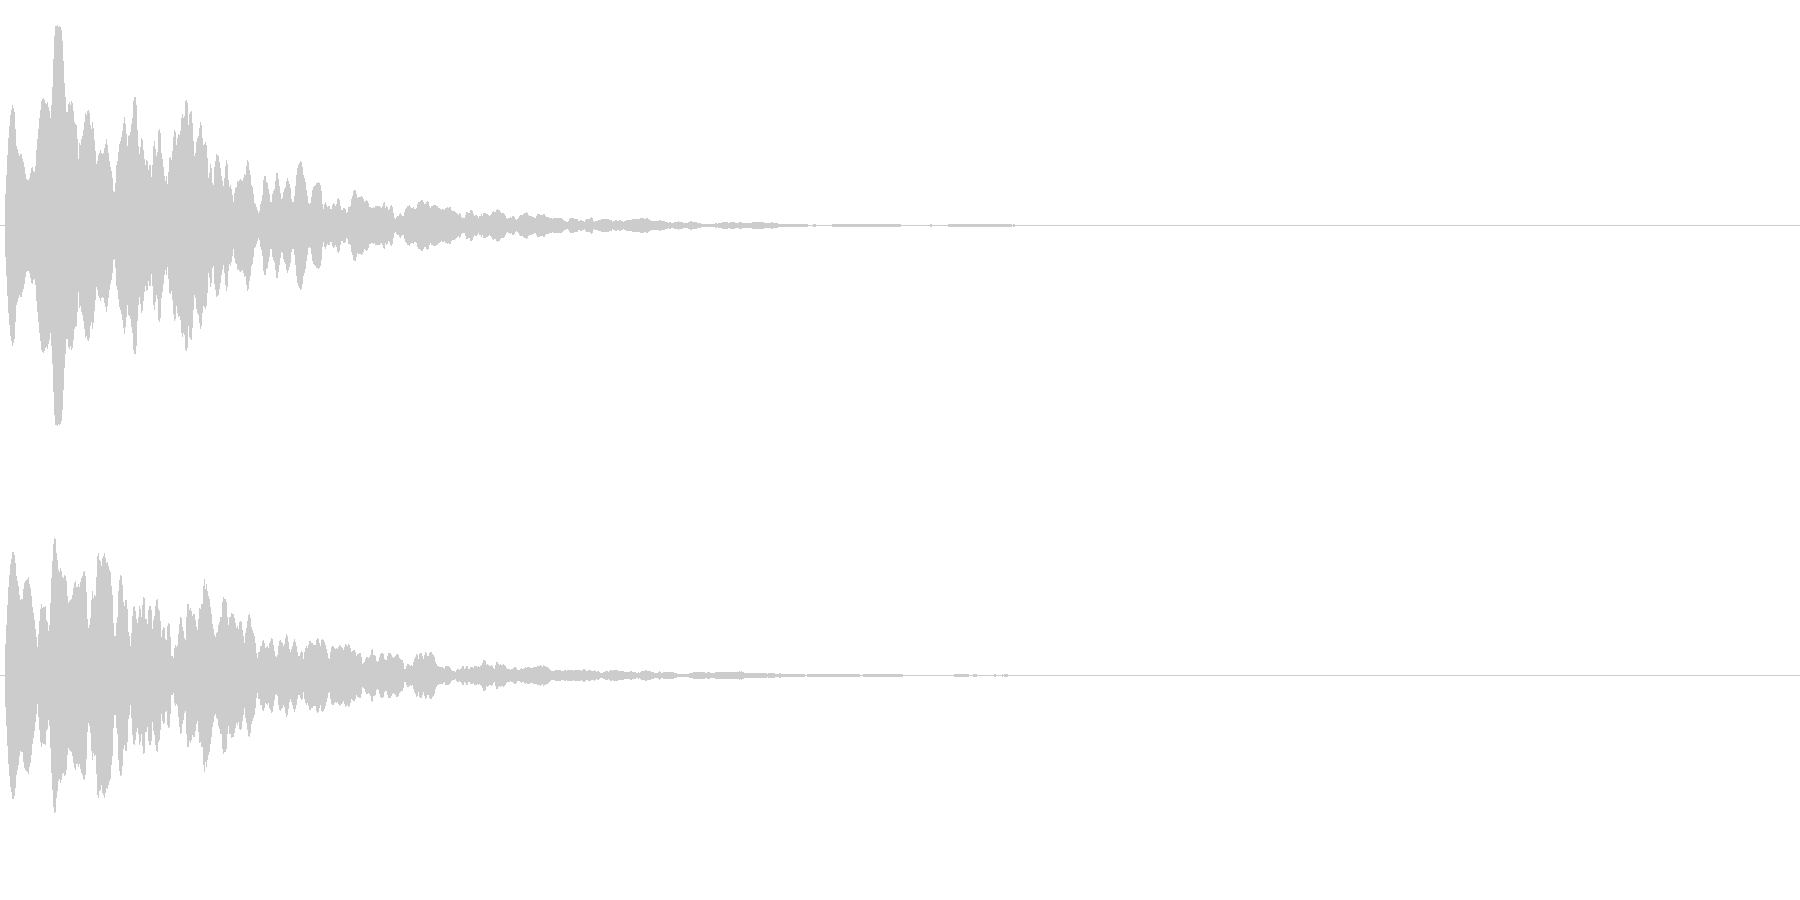 ゲームスタート、決定、ボタン音-147の未再生の波形